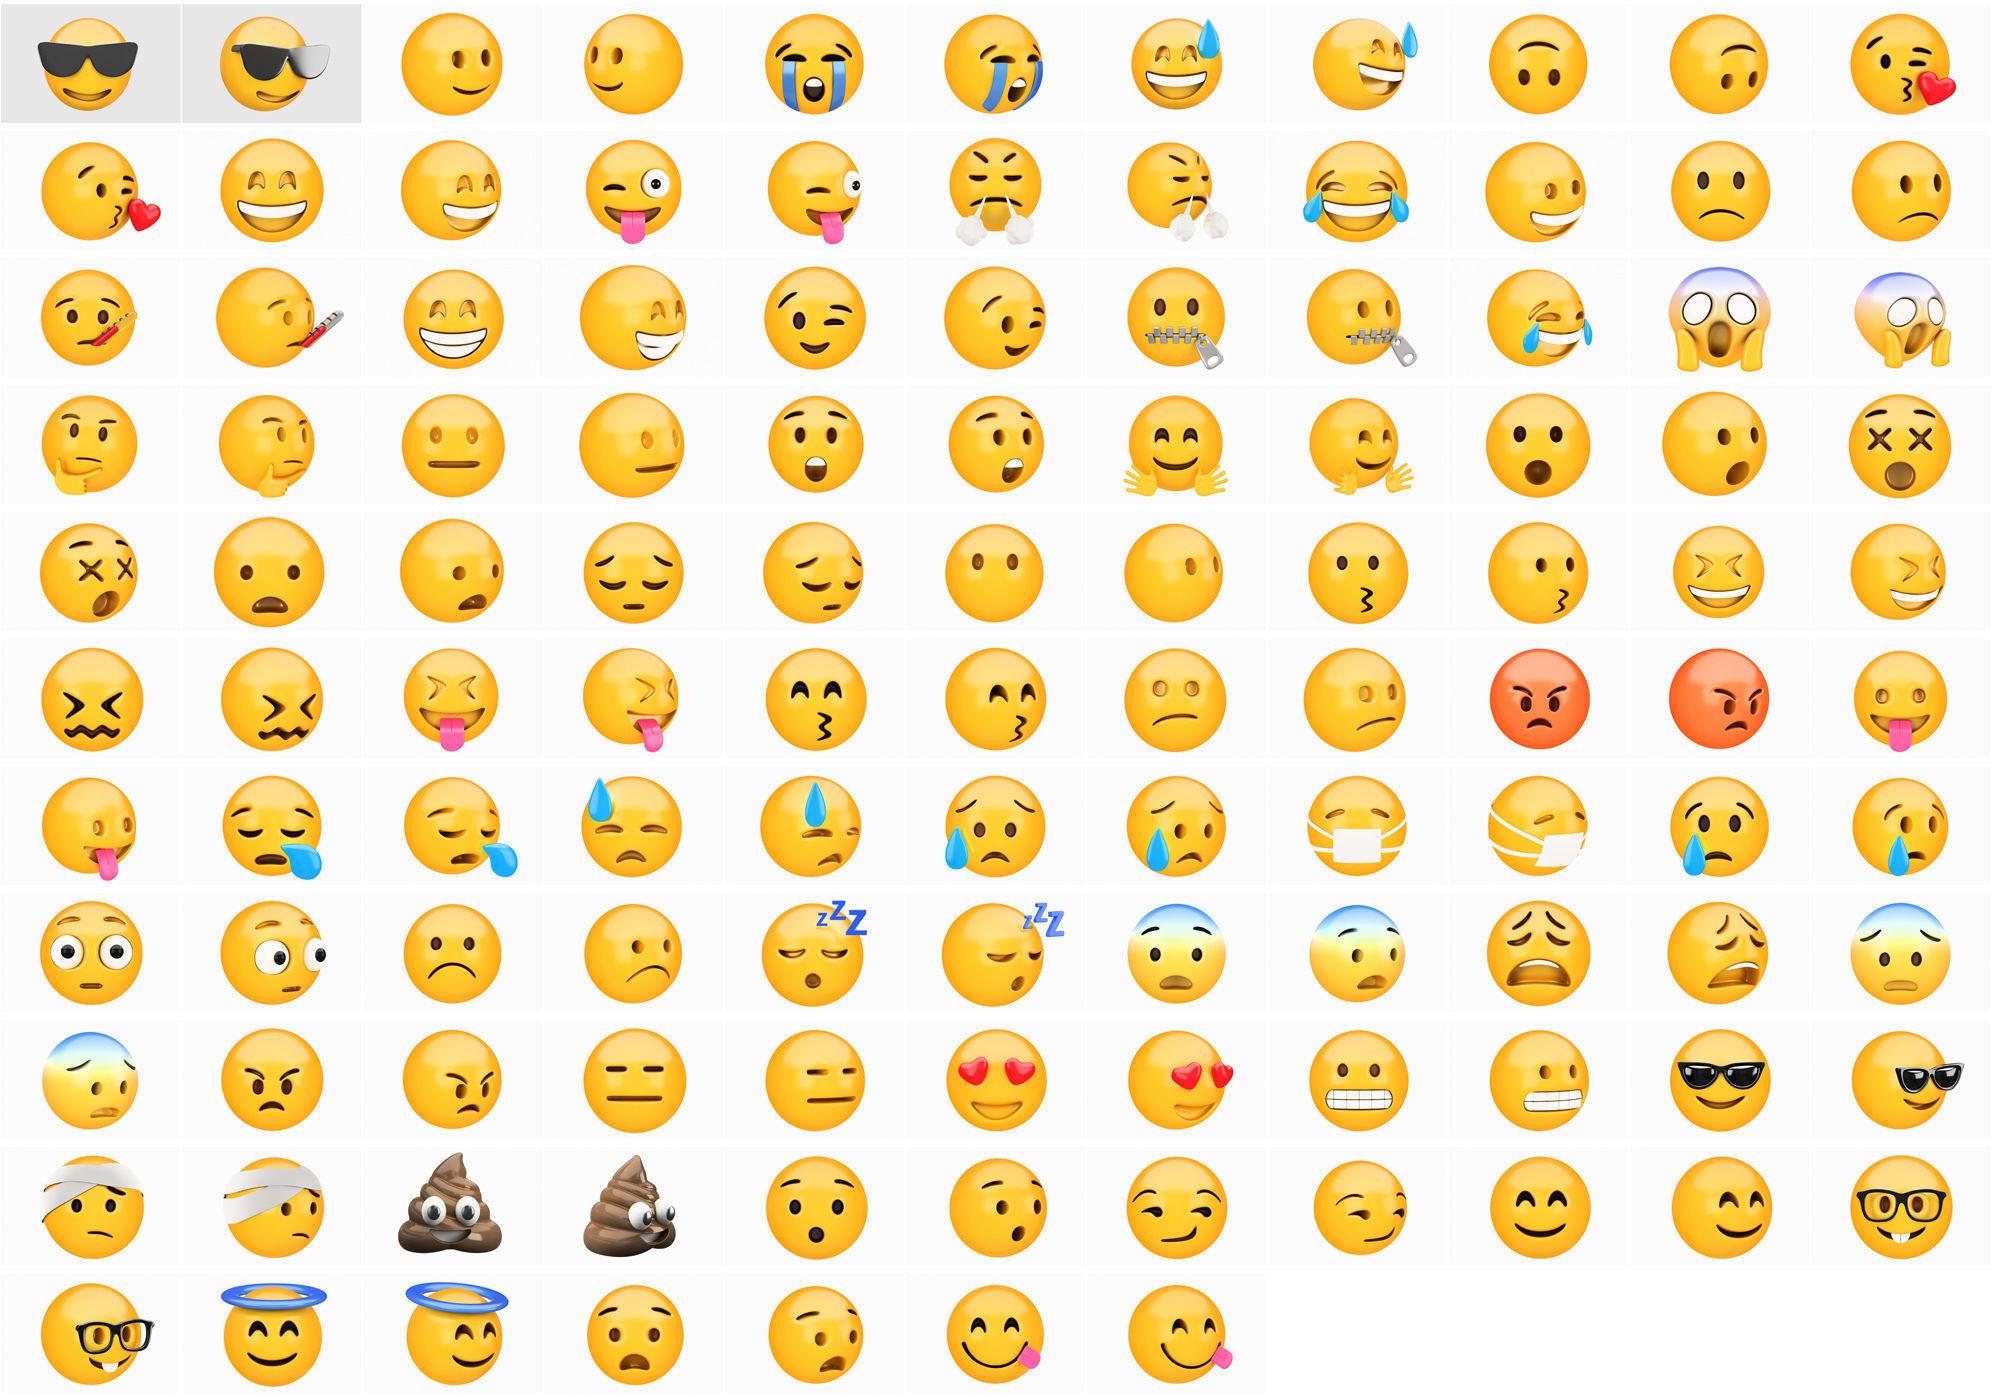 Emoji huge pack collection 59 x